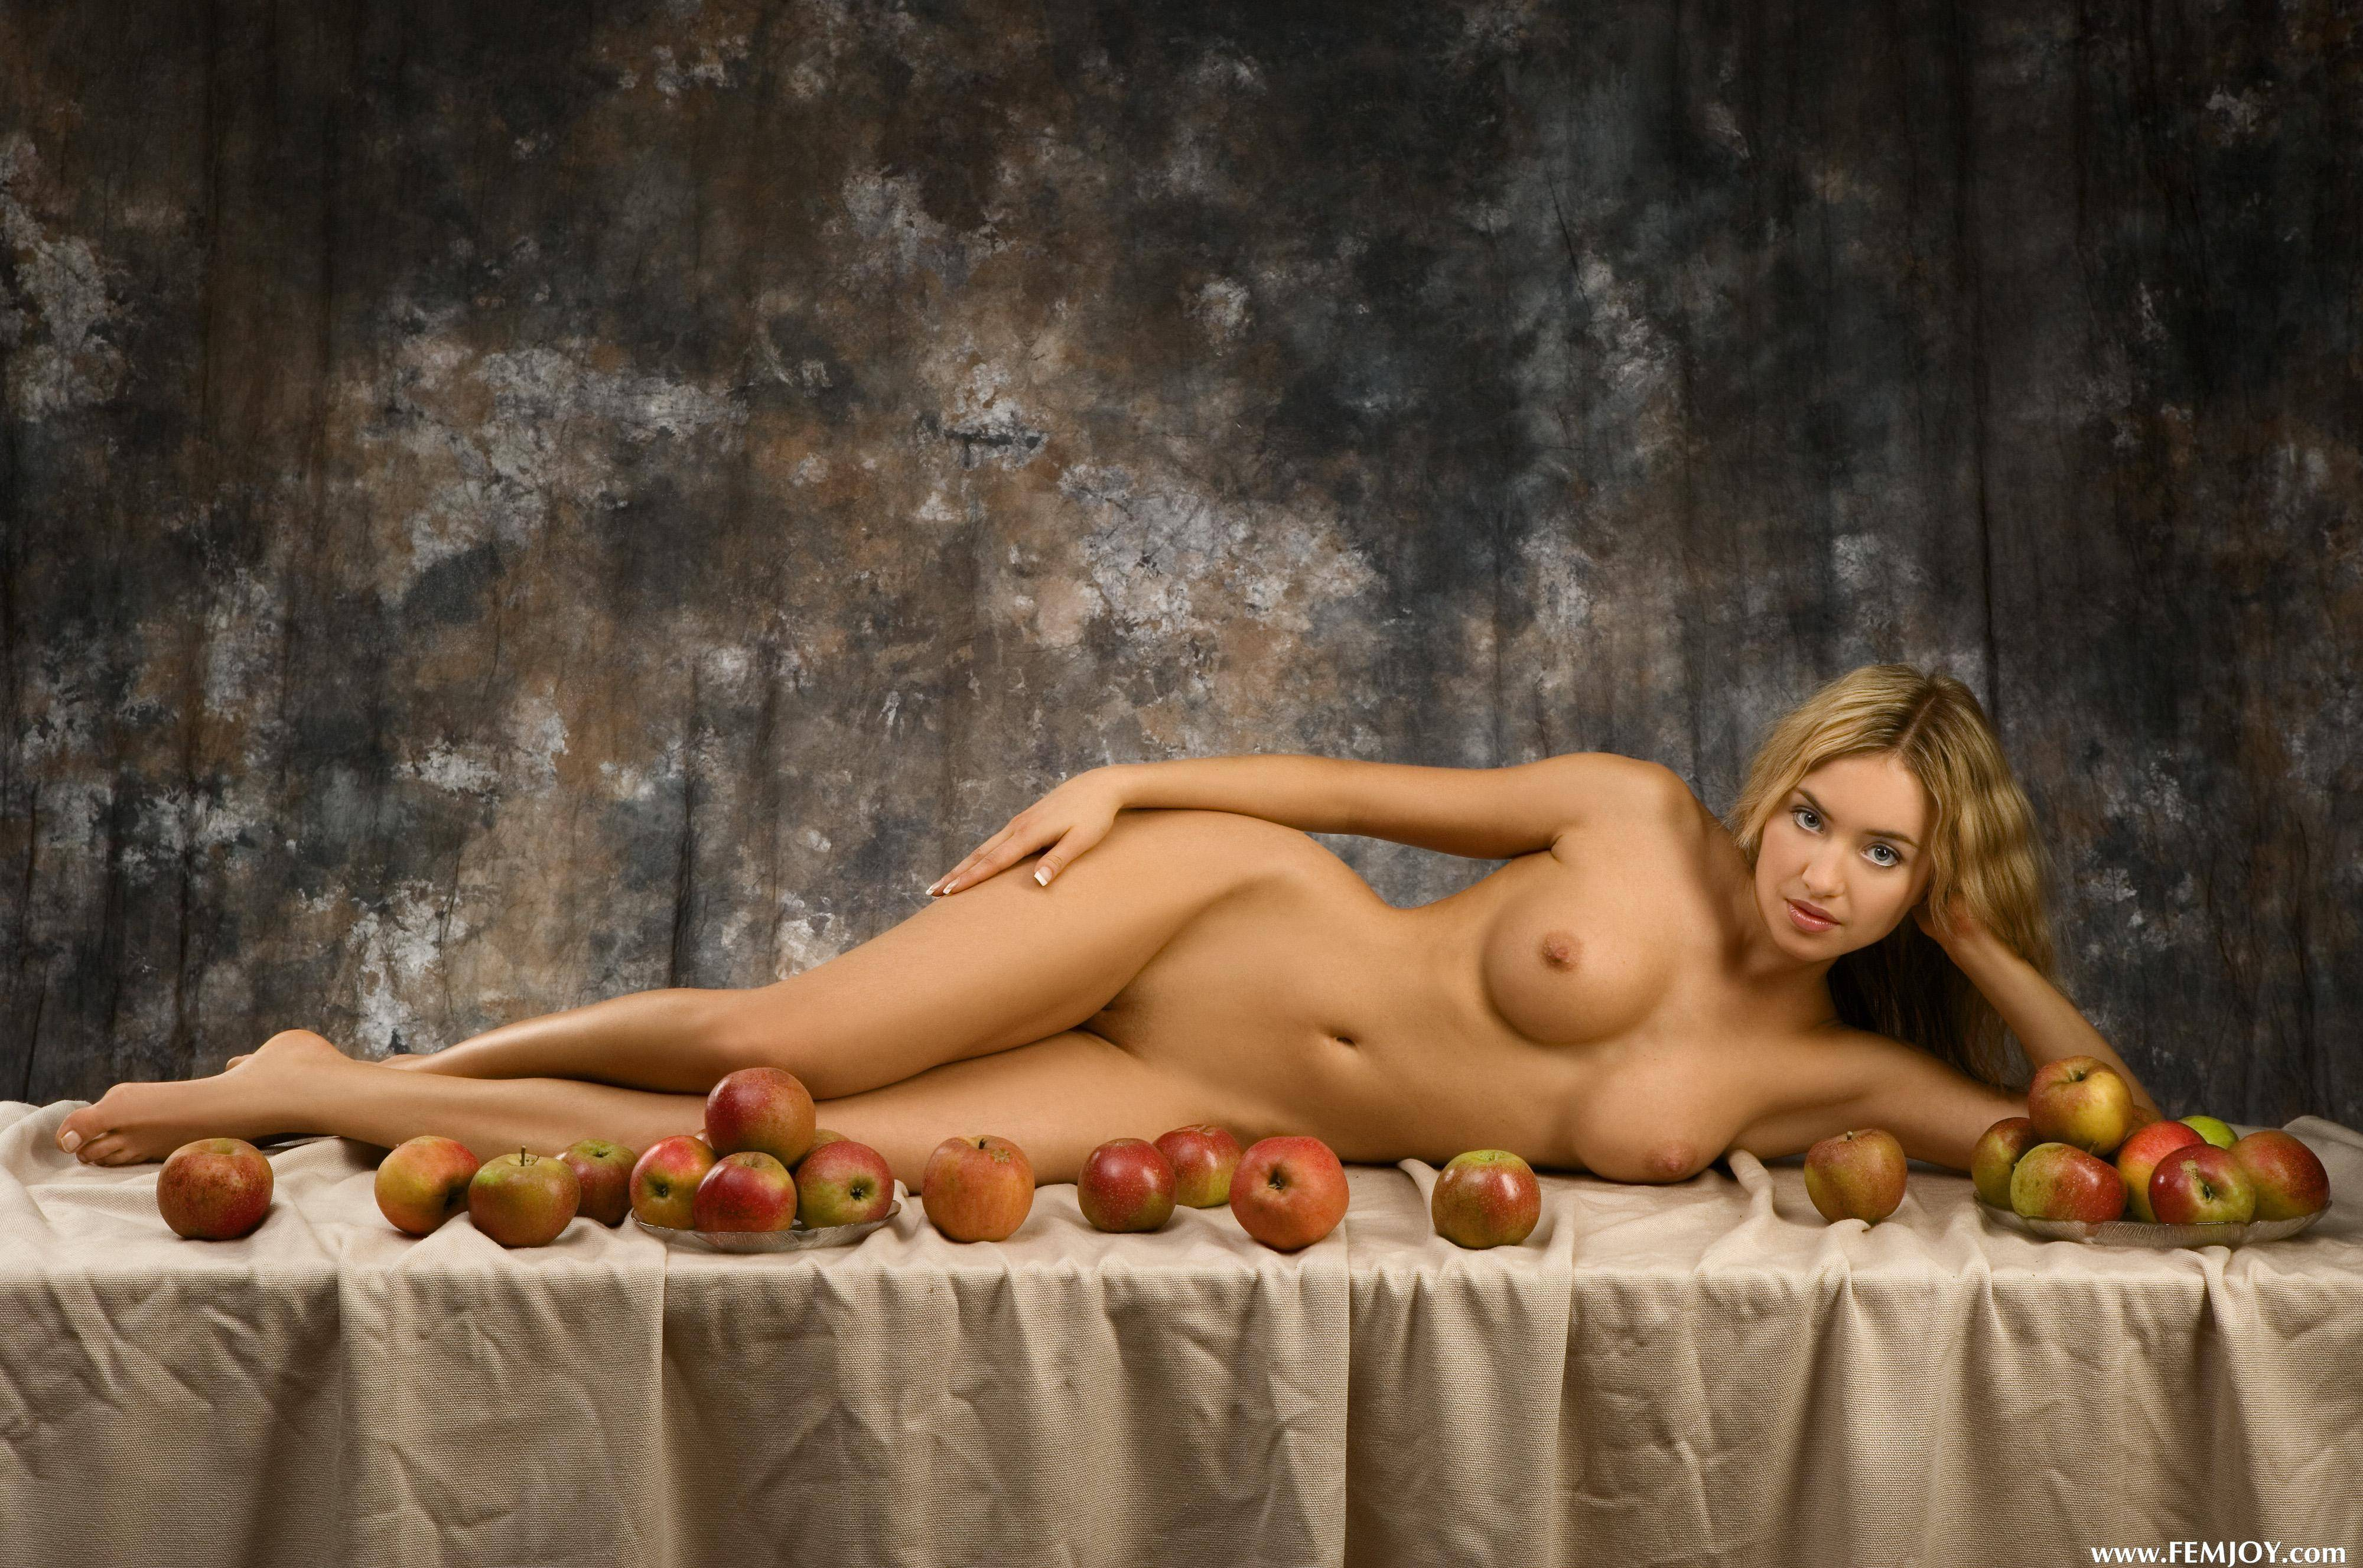 Фото супер моделей в эротике 6 фотография